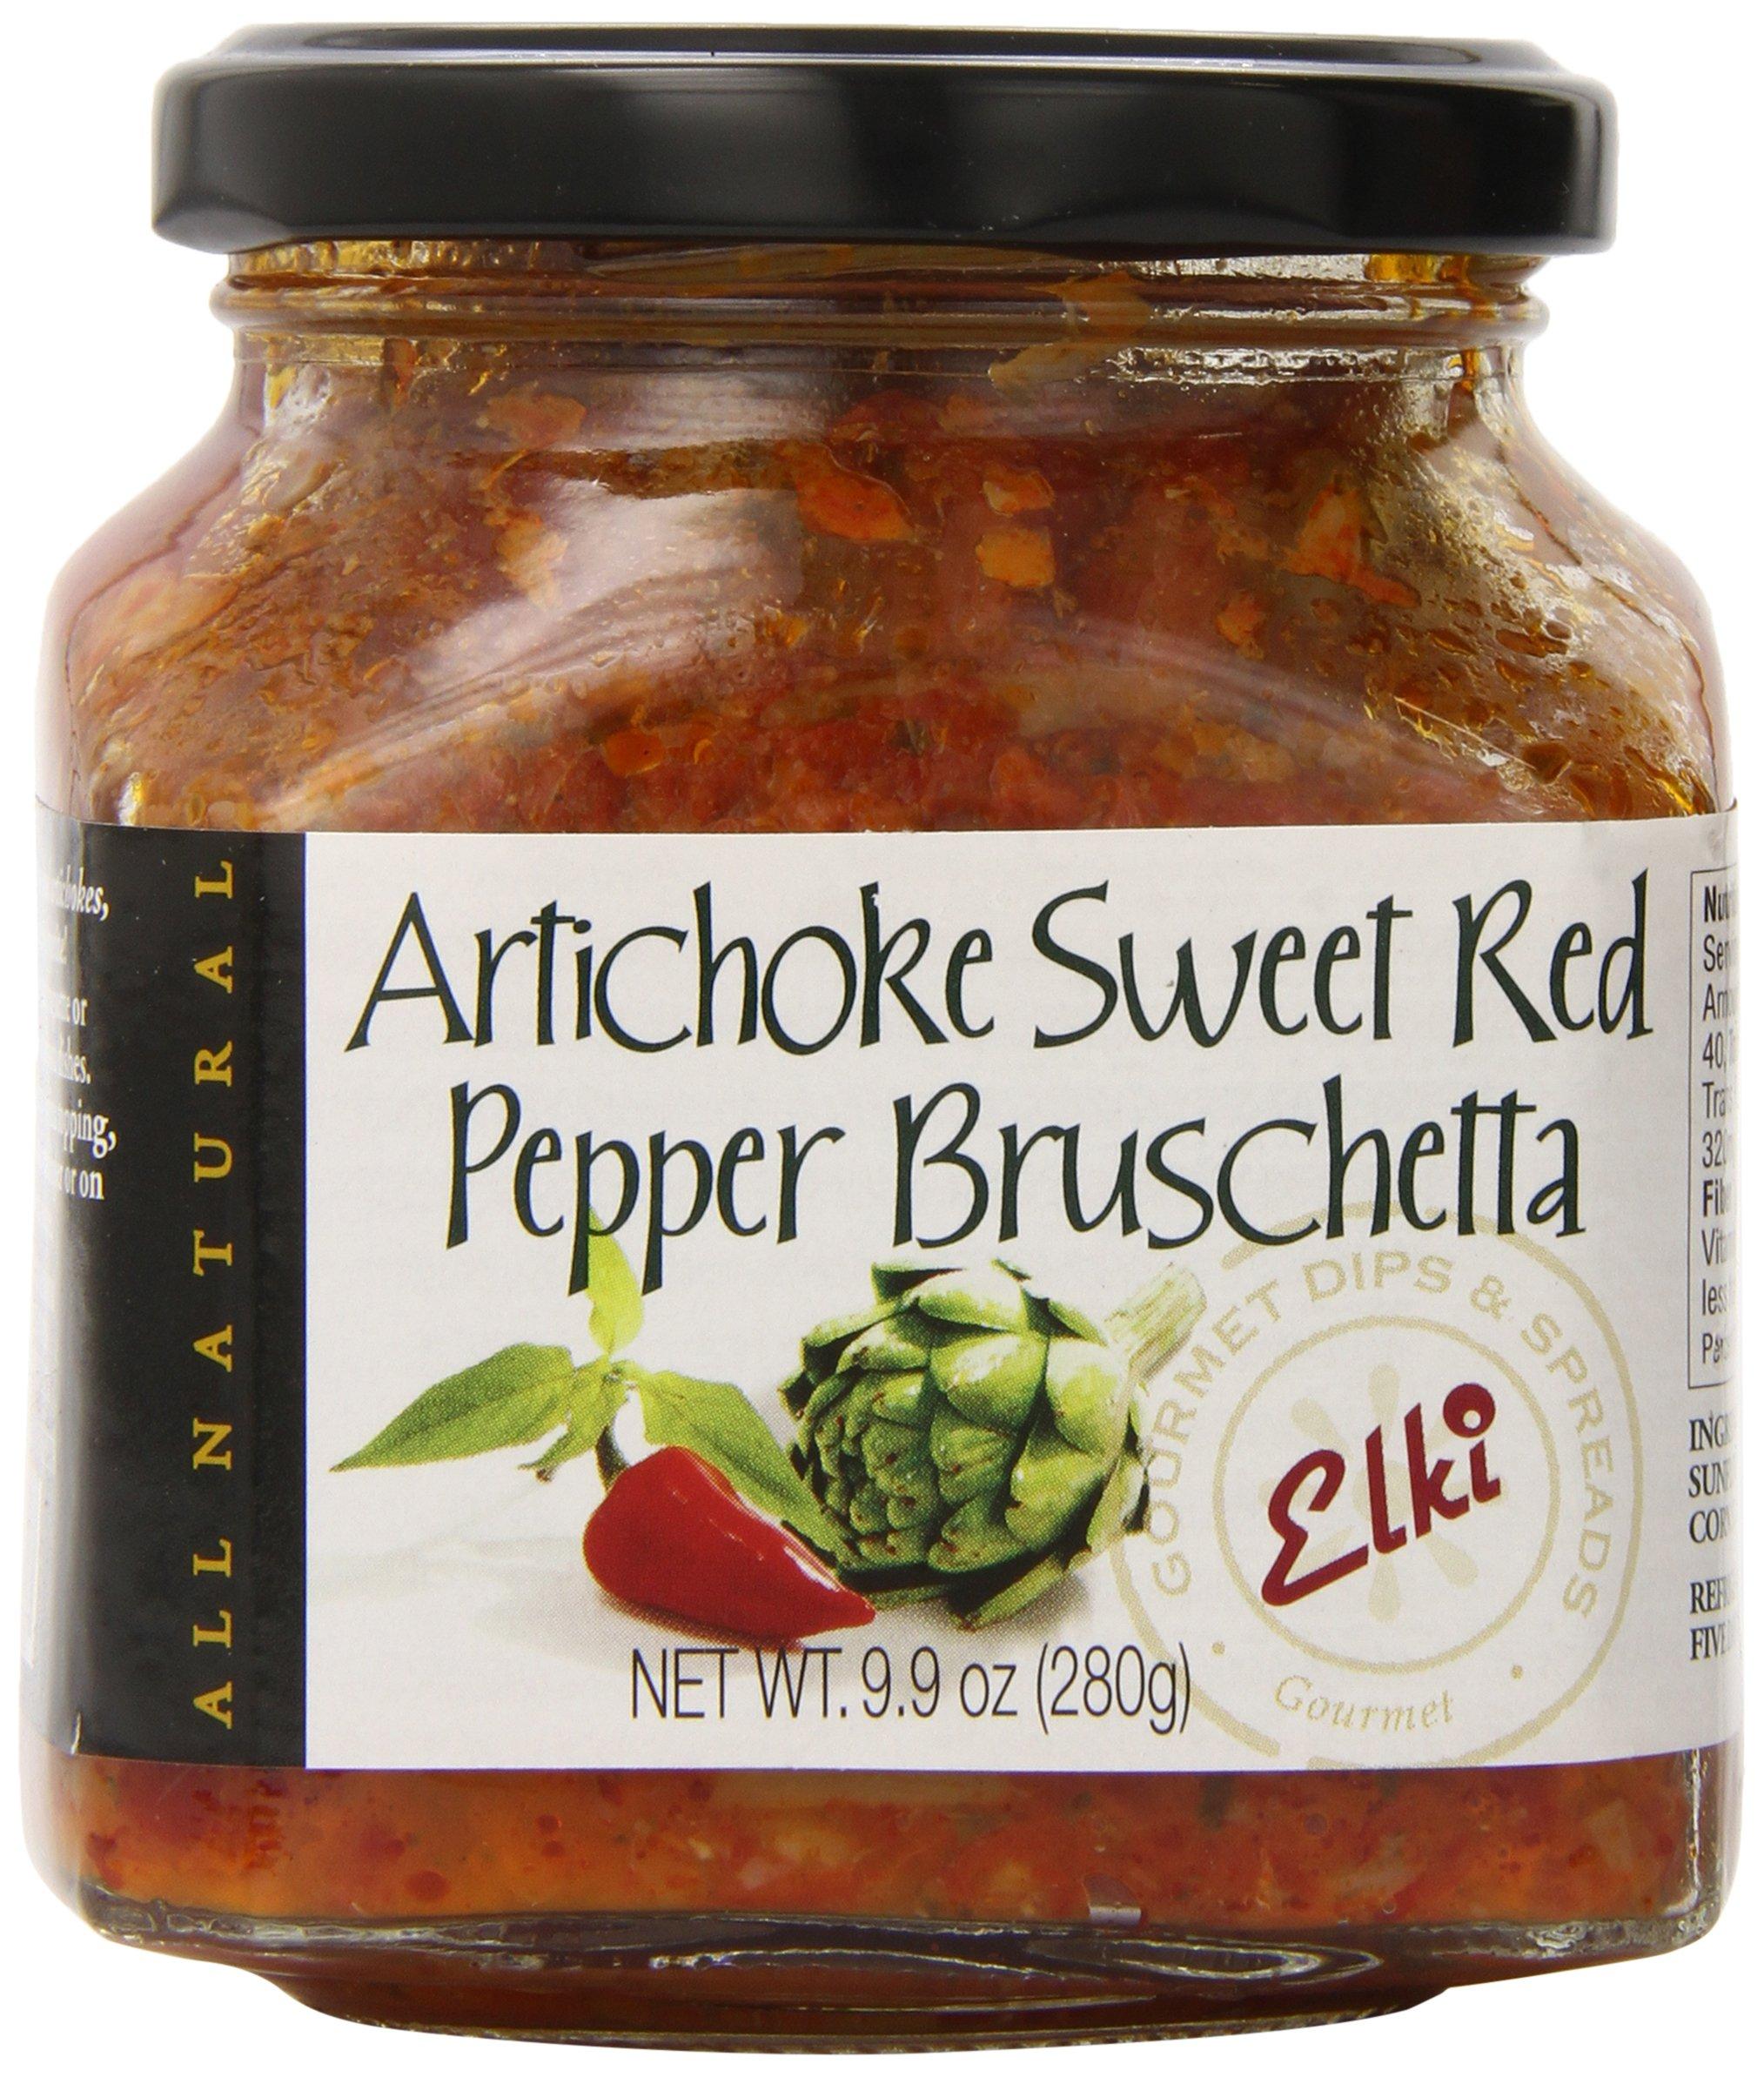 Elki's Gourmet Artichoke and Red Pepper Bruschetta, 9.9 Ounce